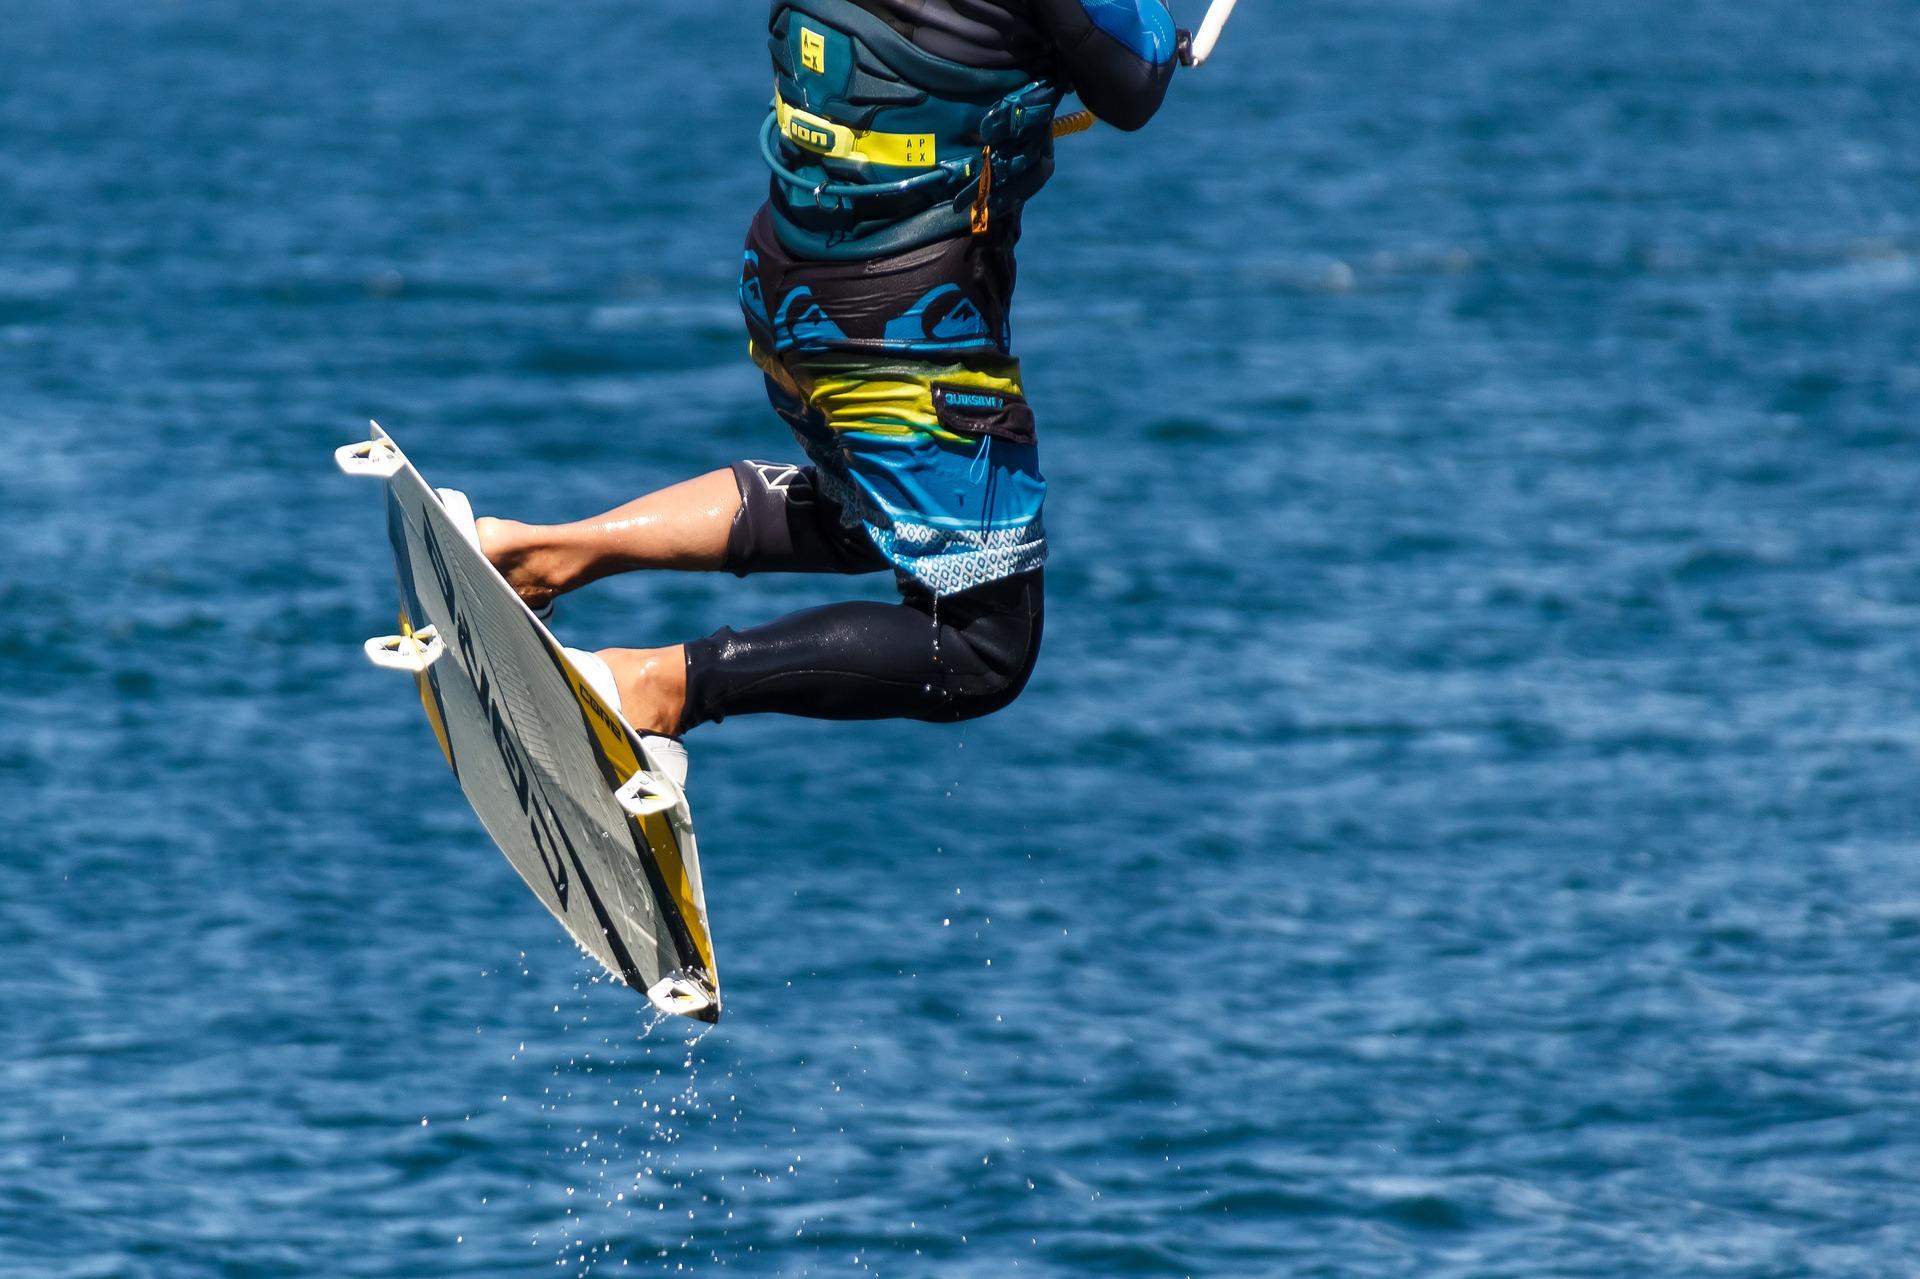 kitesurf freesider